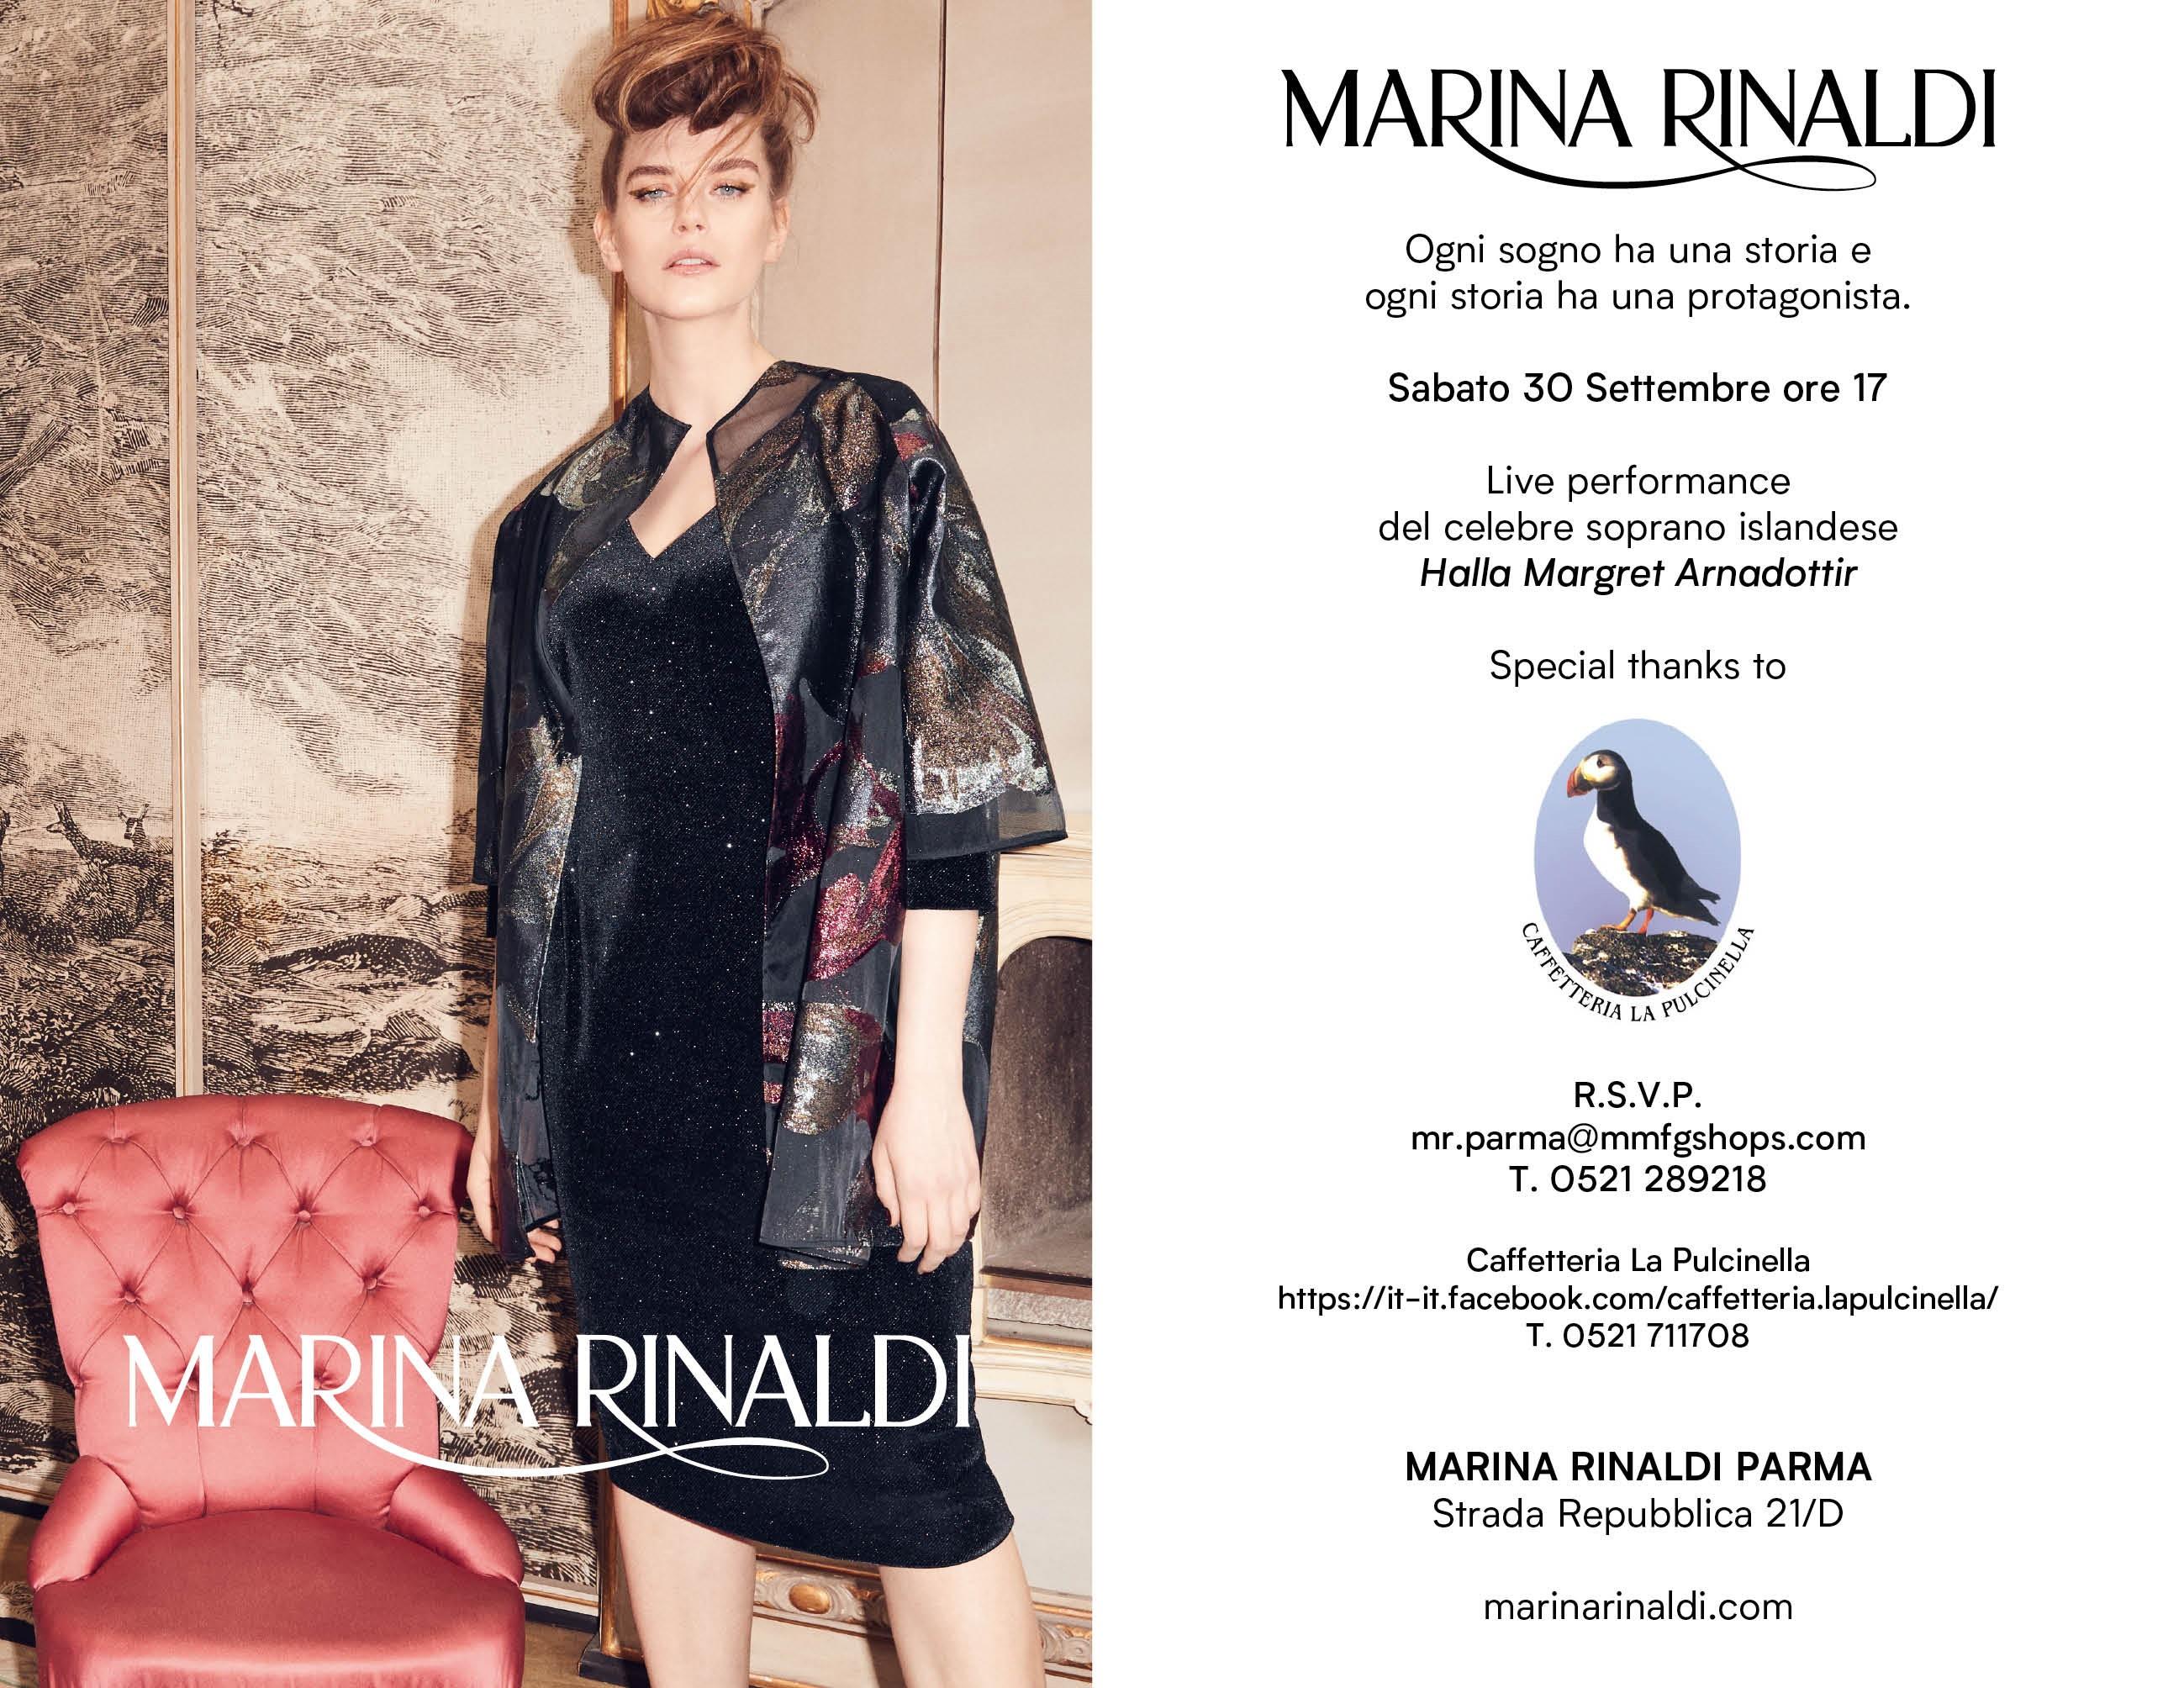 8e702f78531fb Halla Margret incontra Marina Rinaldi – Halla Margret Soprano